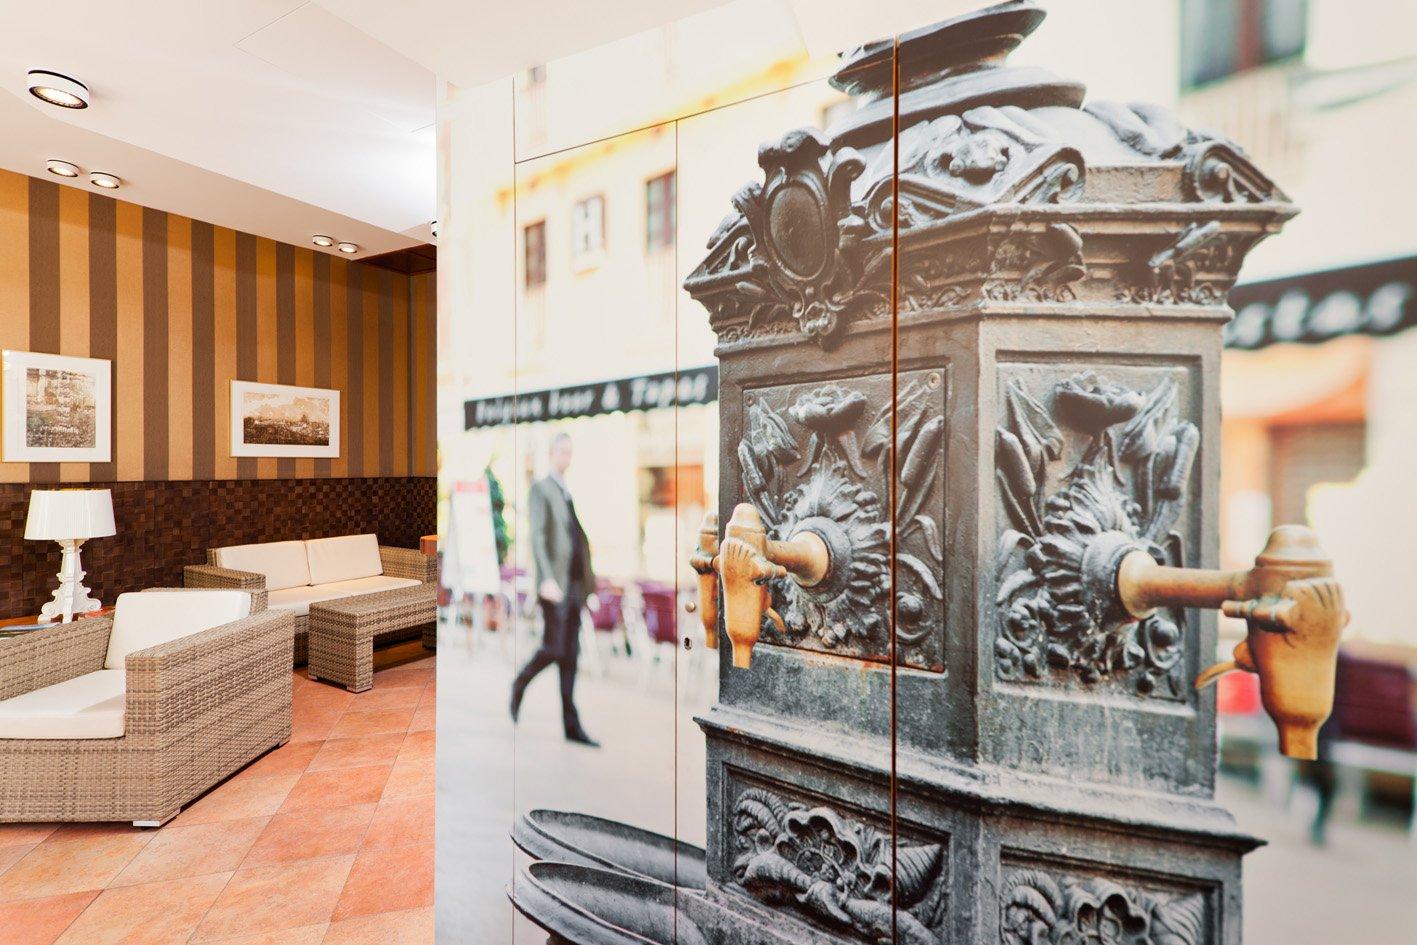 hotel_la_fontnombre_del_documento_19-b9910b3a86c63f1fa84a0fa1aa880f10